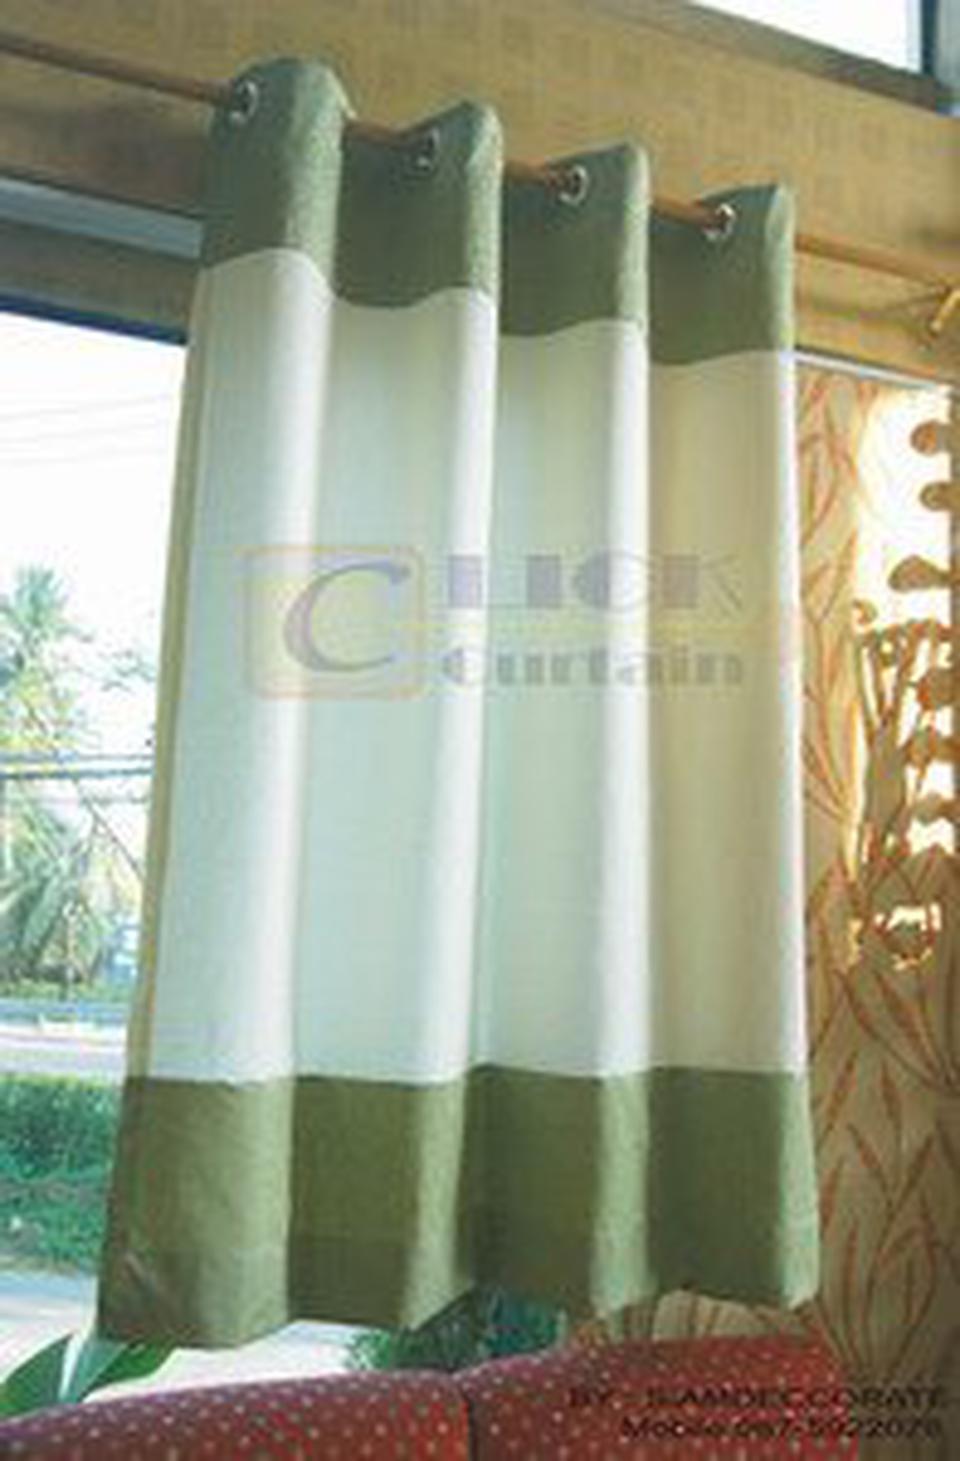 ร้านผ้าม่านสำเร็จรูป ( Click Curtain ) เราเป็นผู้ผลิตผ้าม่านสำเร็จรูปที่มีจำหน่ายหลากสไตล์ เช่น ม่านตอกตาไก่,ม่านคอกระเช รูปที่ 6